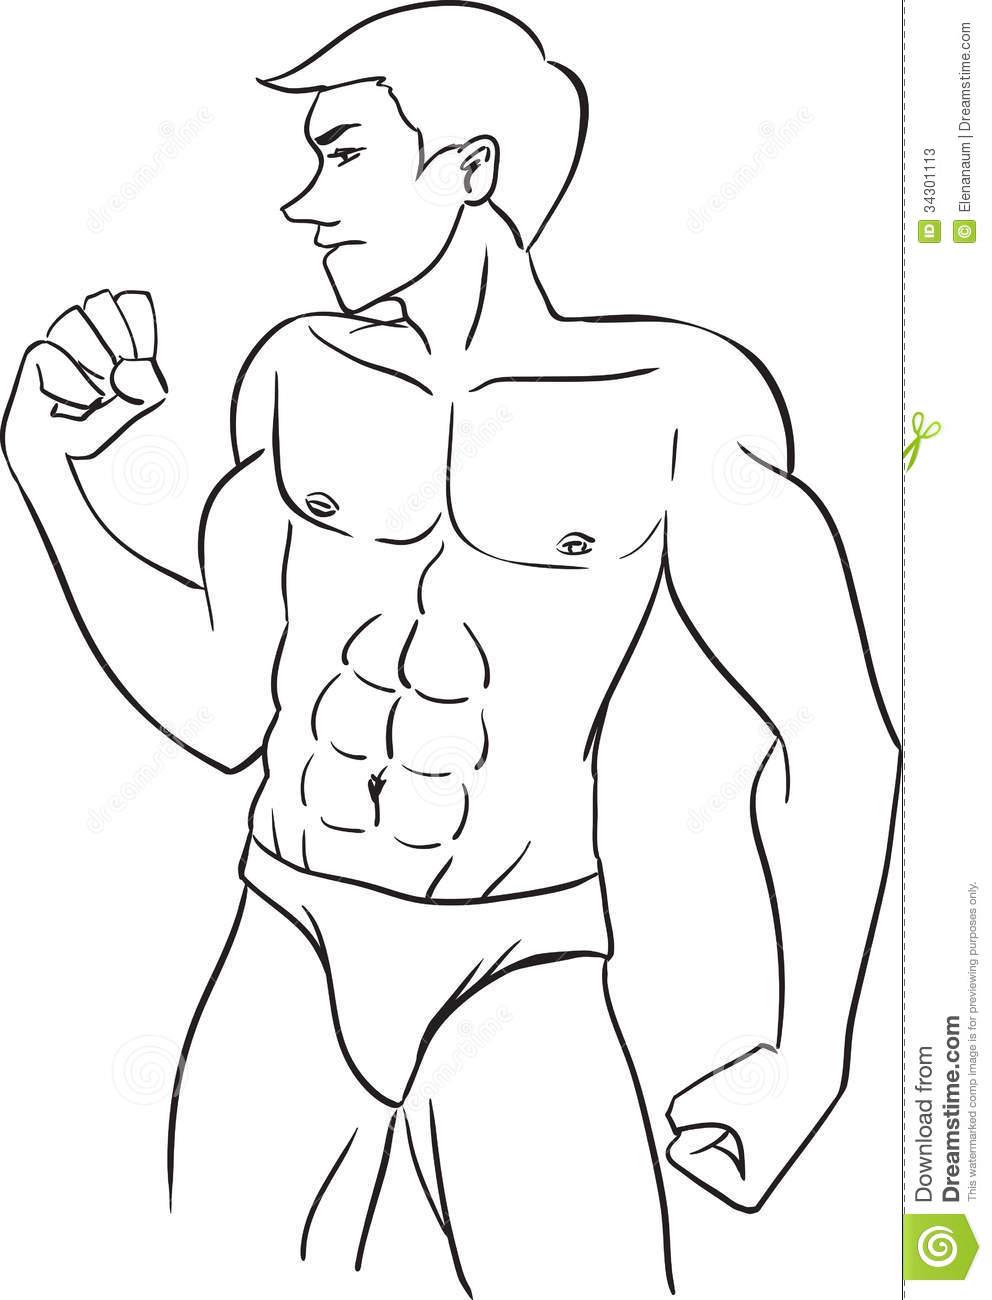 Boy Body Torso Clipart Black And White.